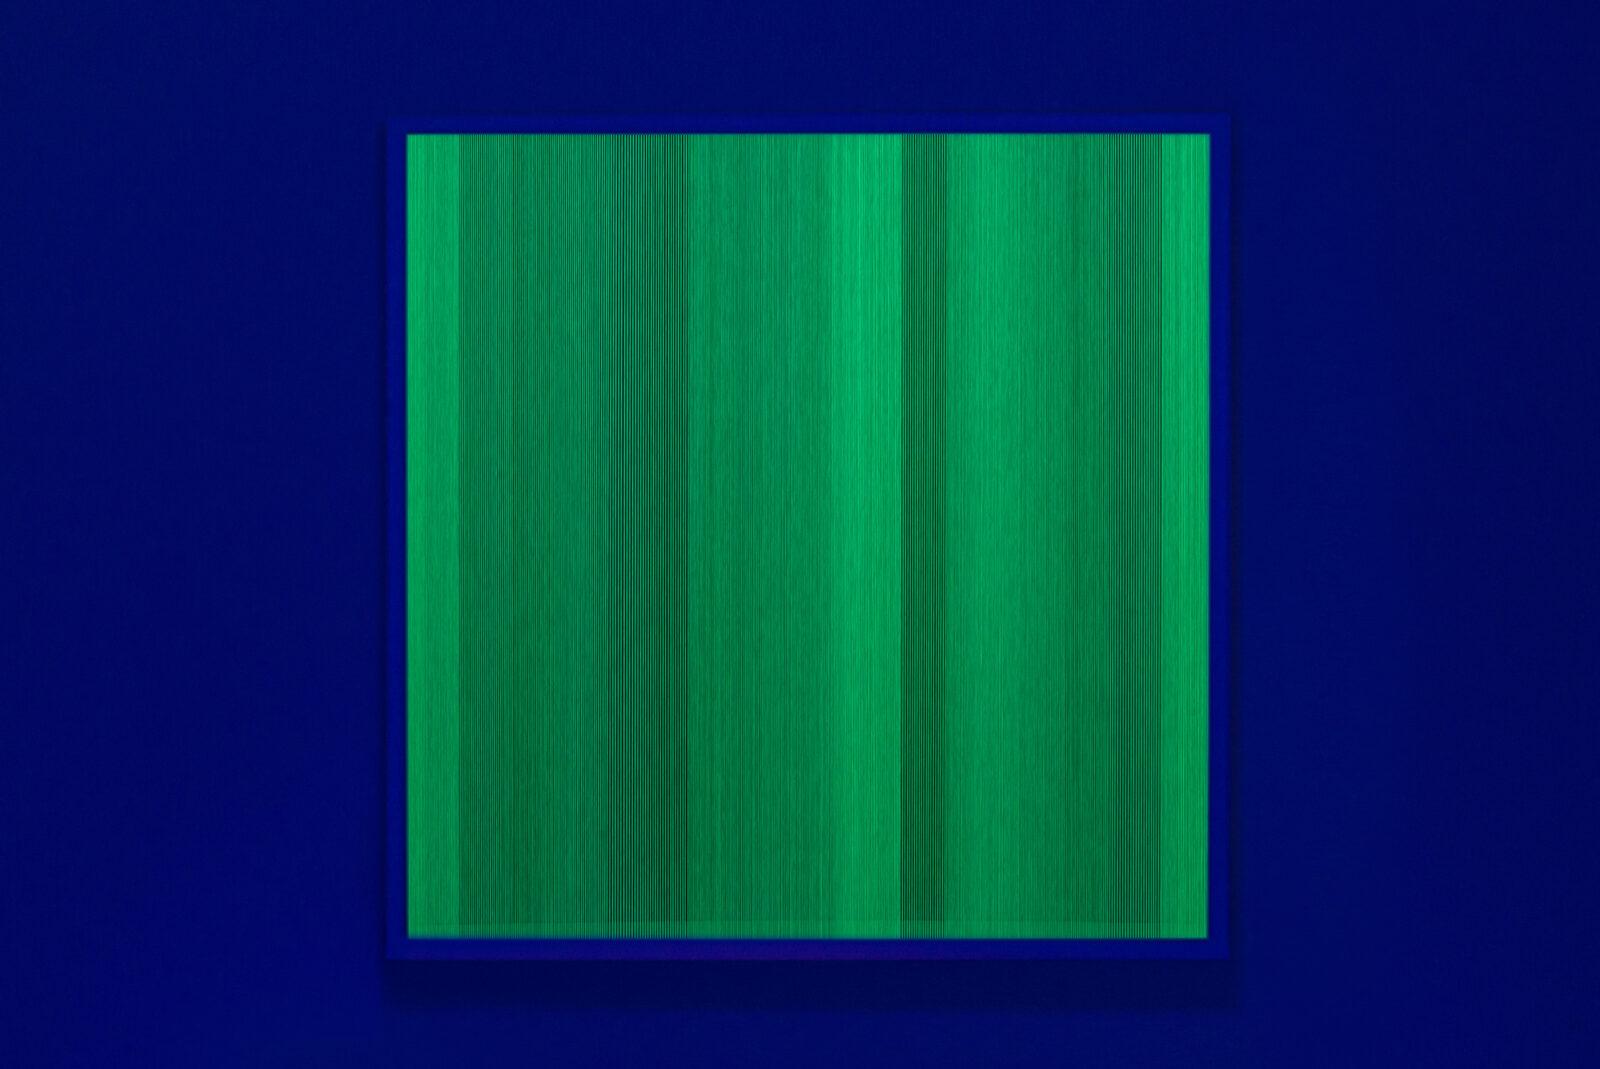 Illusion y1 2